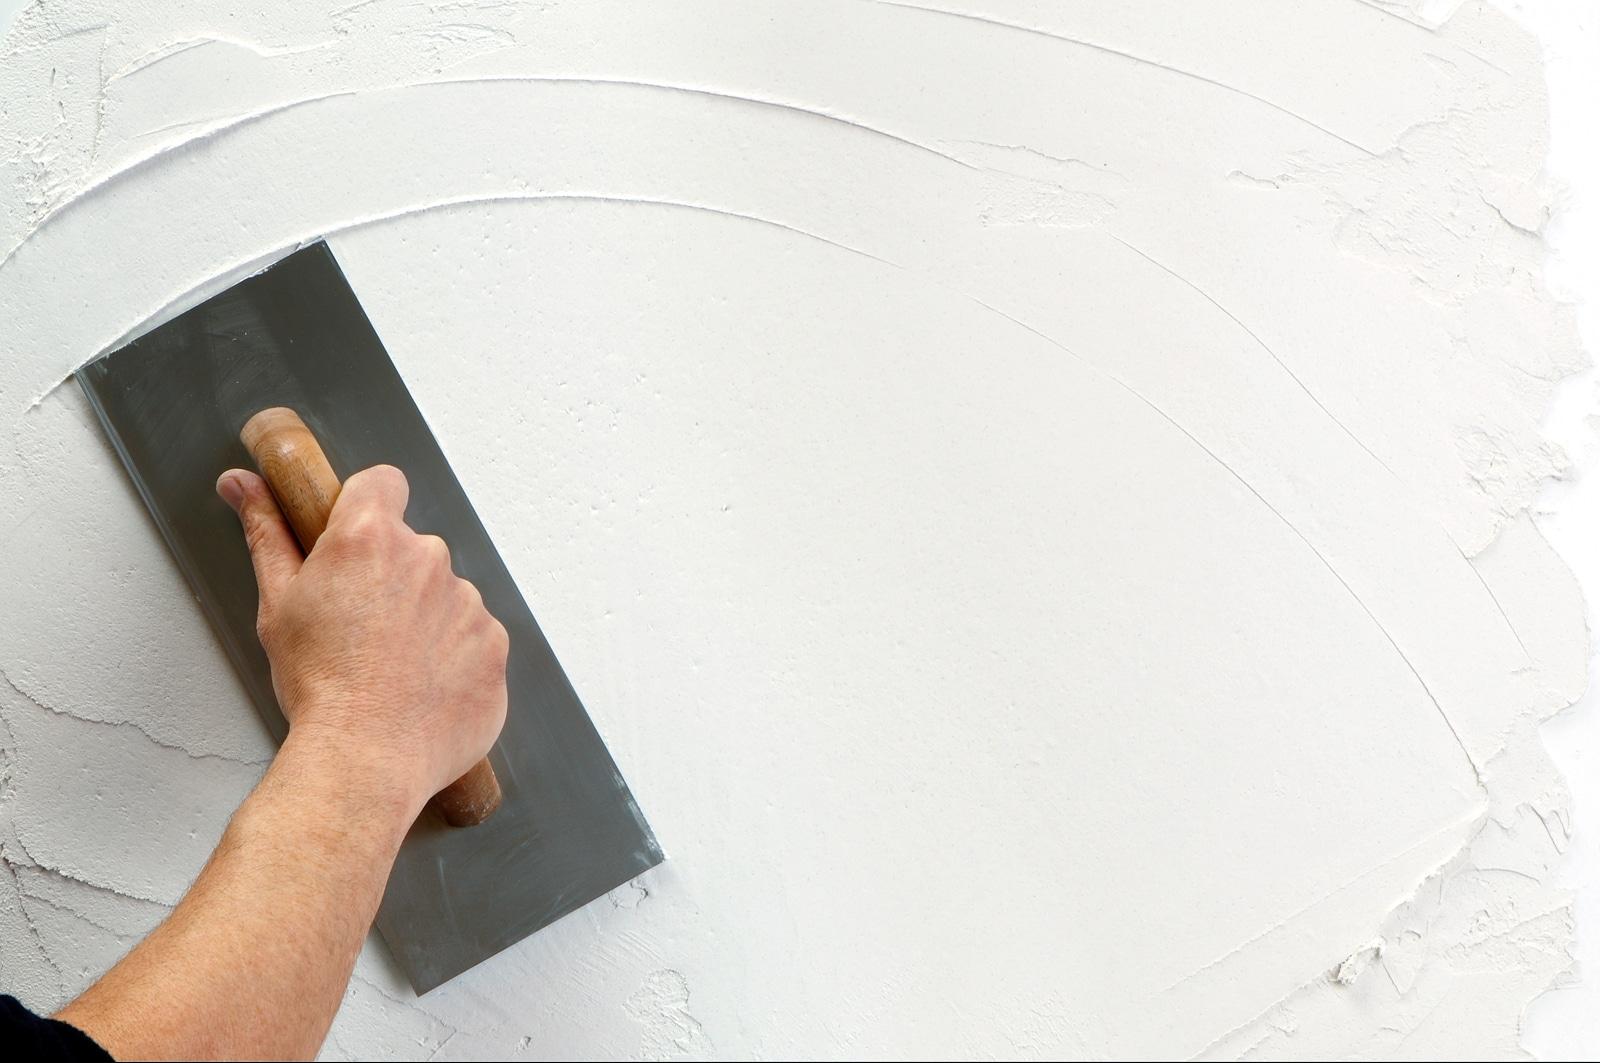 Sơn hiệu ứng Waldo - Bề mặt bàn giao sơn hiệu ứng - Hướng dẫn cách trét tường đúng cách